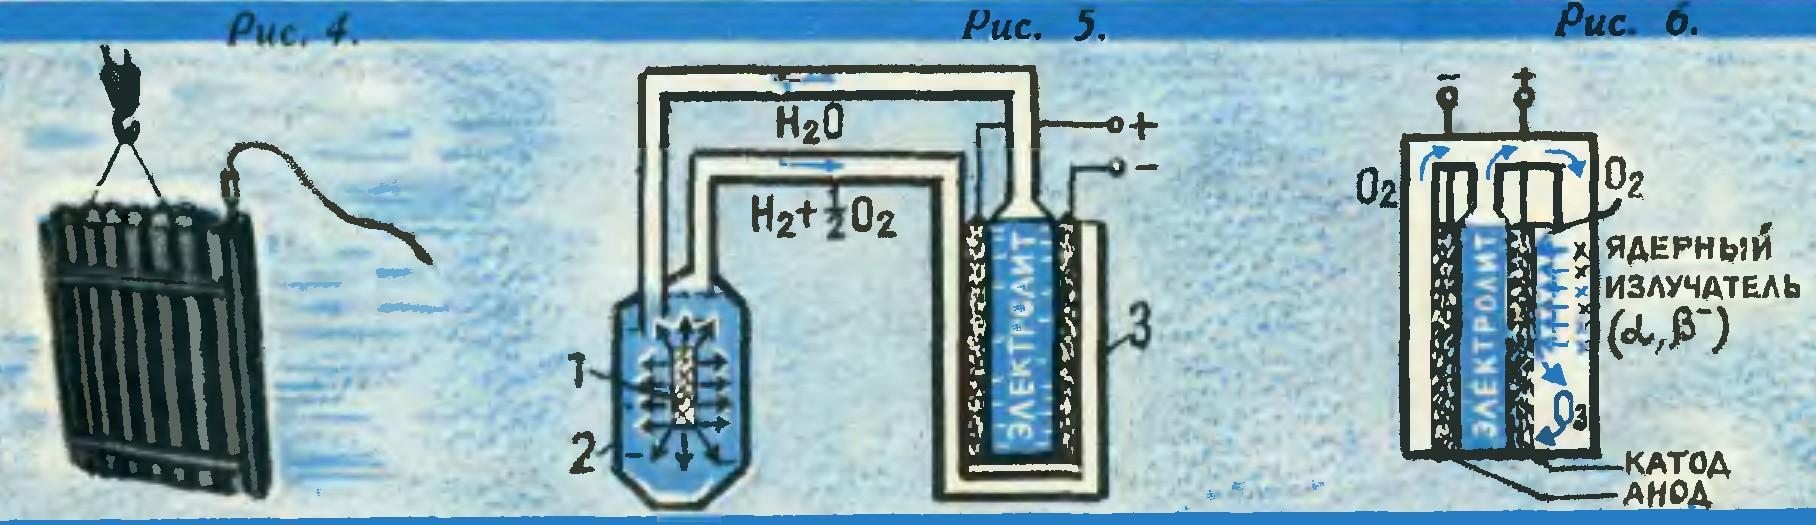 Водородный элемент своими руками как сделать и из чего он состоит фото 532